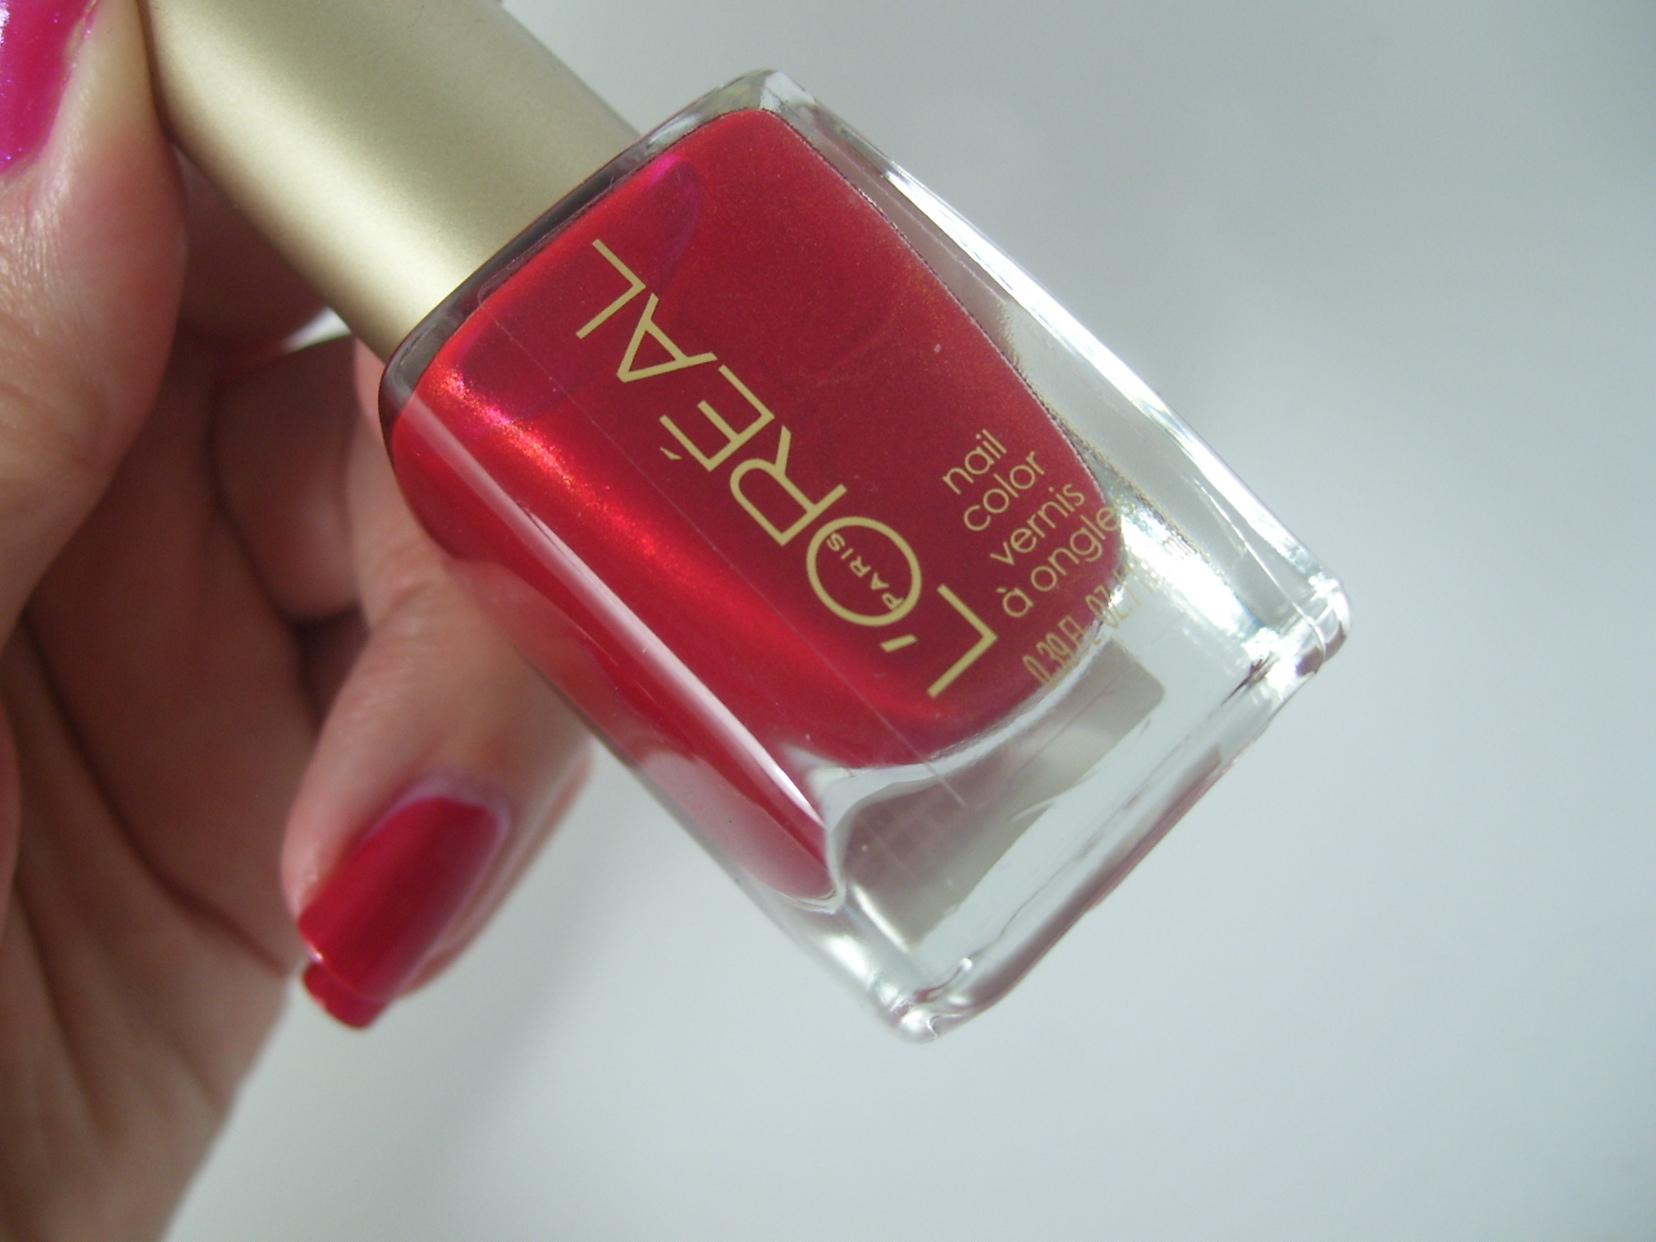 L'Oreal Paris Colour Riche Nail Color – He Red My Mind